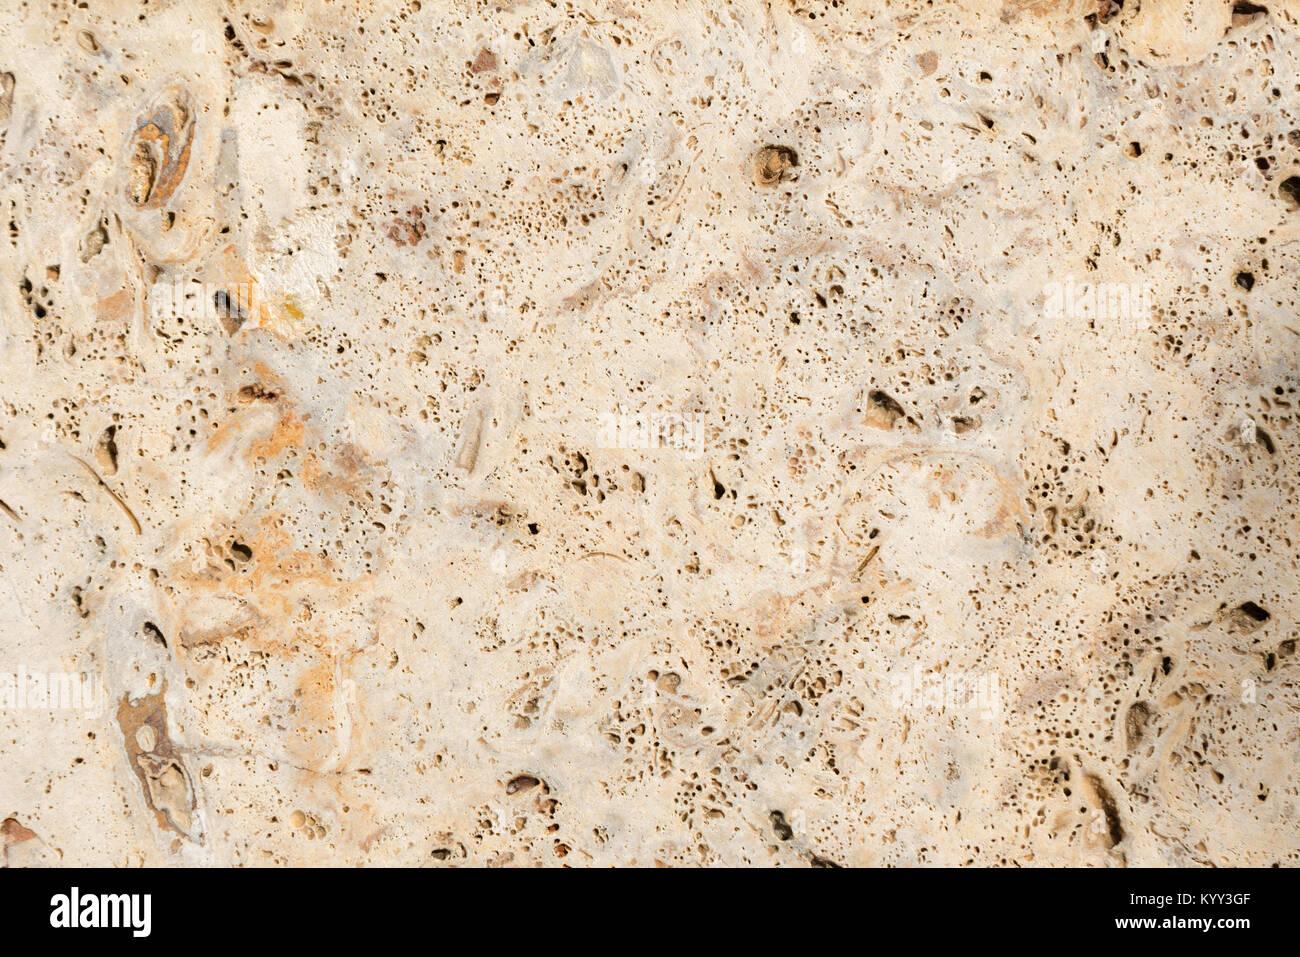 Hintergrund Textur aus Kalkstein ist anfällig für Erosion Stockbild